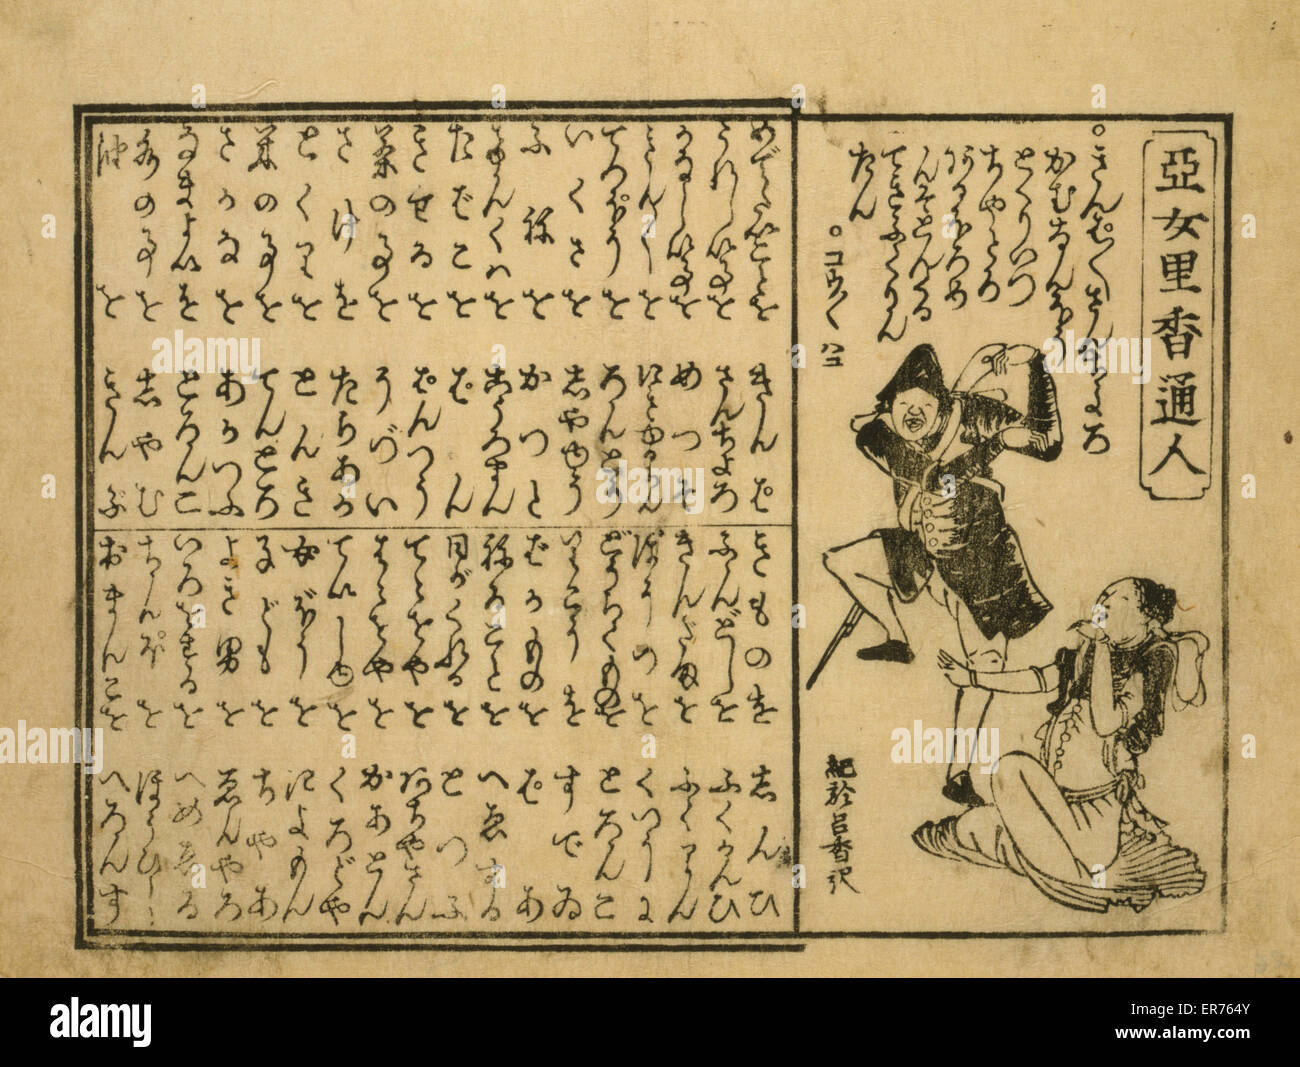 Gli americani. Stampa giapponese con il testo mostra un americano personale navale(?) giapponese con un persona(?) Immagini Stock